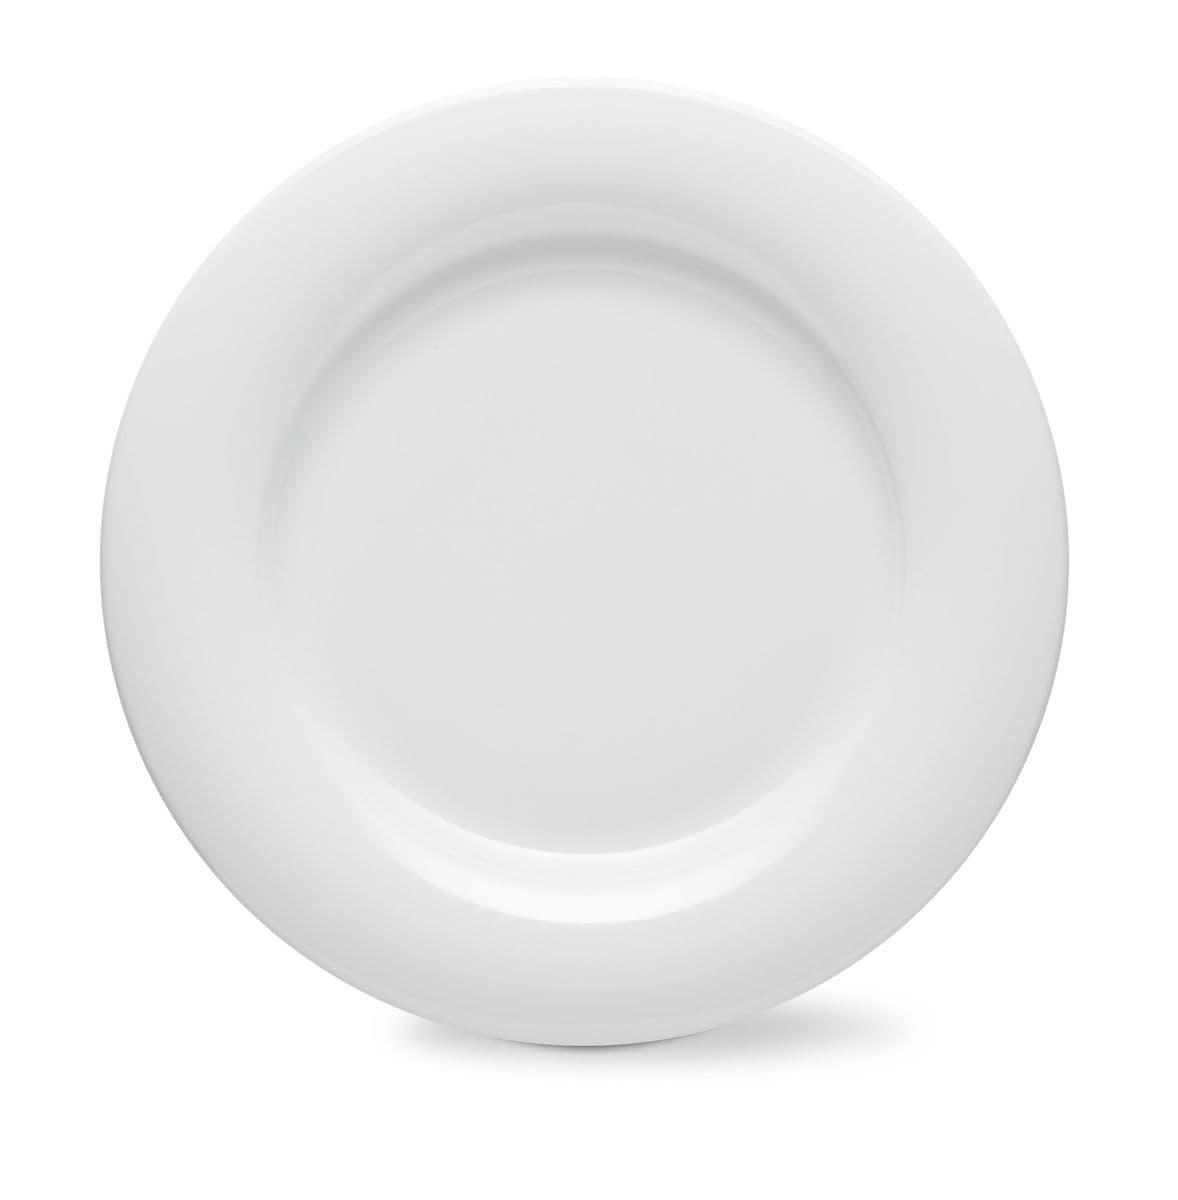 Cucina & Tavola COOL Assiette plate